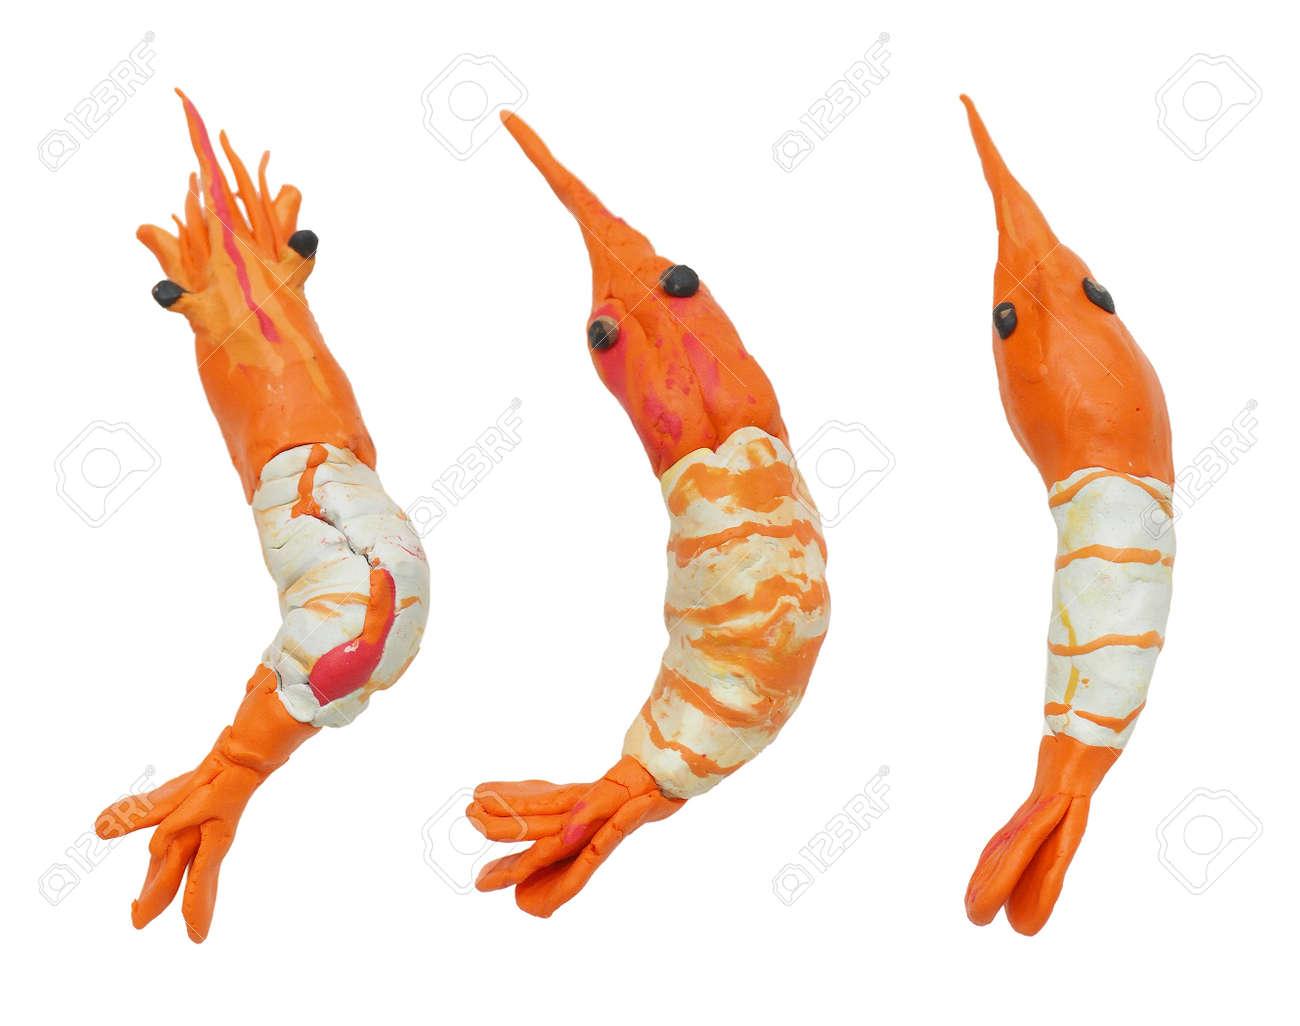 Mold clay or dough shrimp sea food or Shu shi and Dim sum create